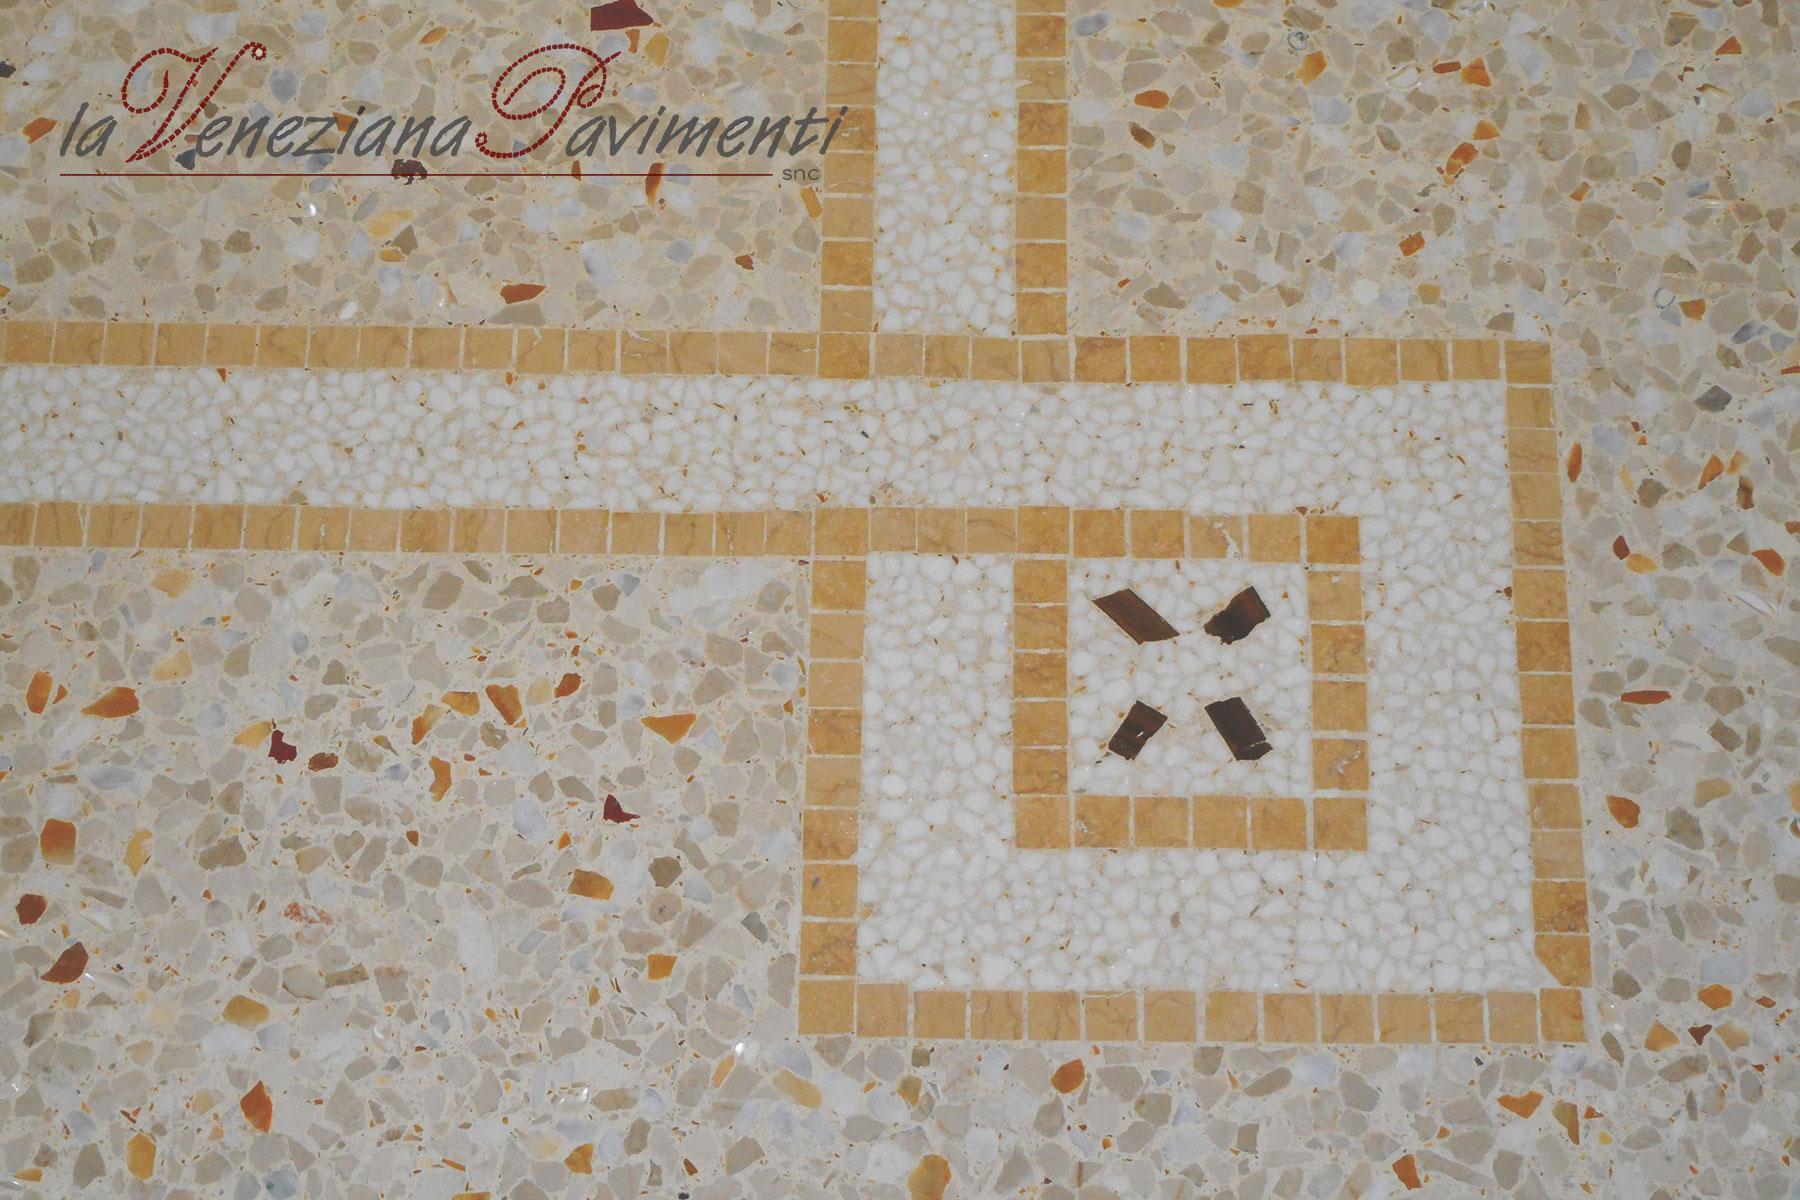 Pavimento In Terrazzo Alla Veneziana pavimento alla veneziana vicenza, padova, verona - la